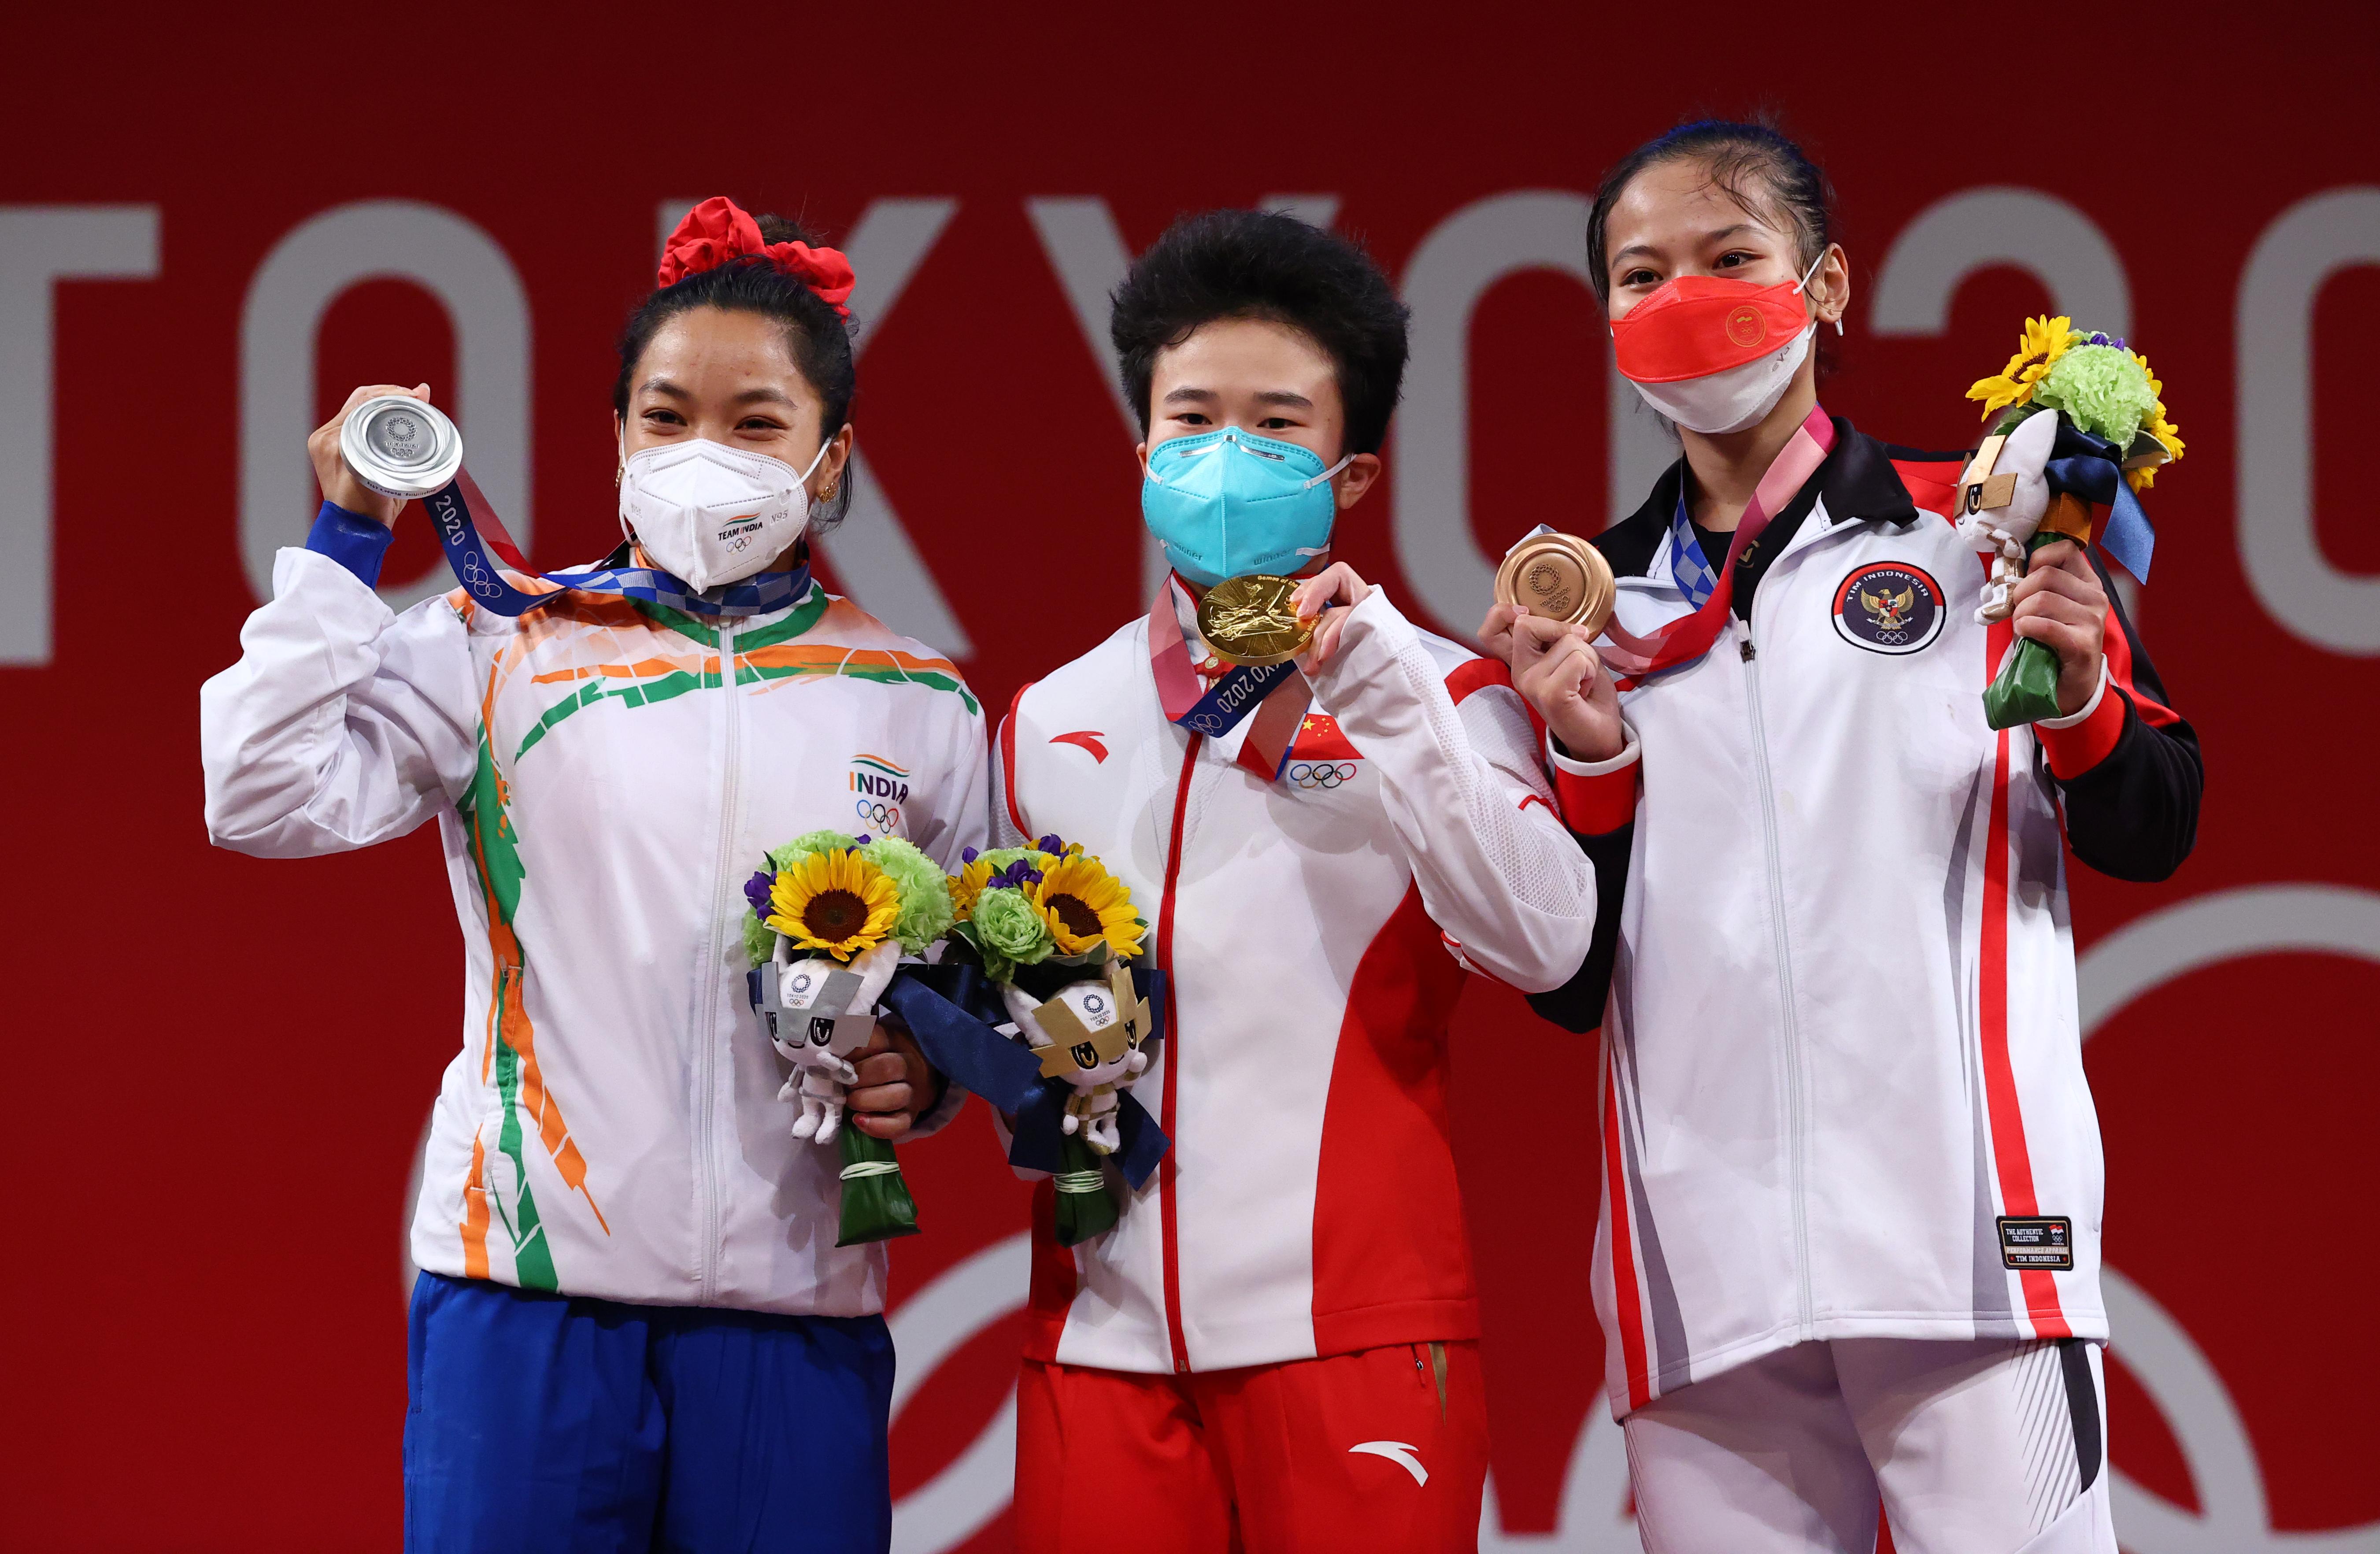 सिल्वर मेडल के साथ मीराबाई (बाएं से), चीन की होउ जिहूई गोल्ड और कैंटिका विंडी ब्रॉन्ज मेडल के साथ।